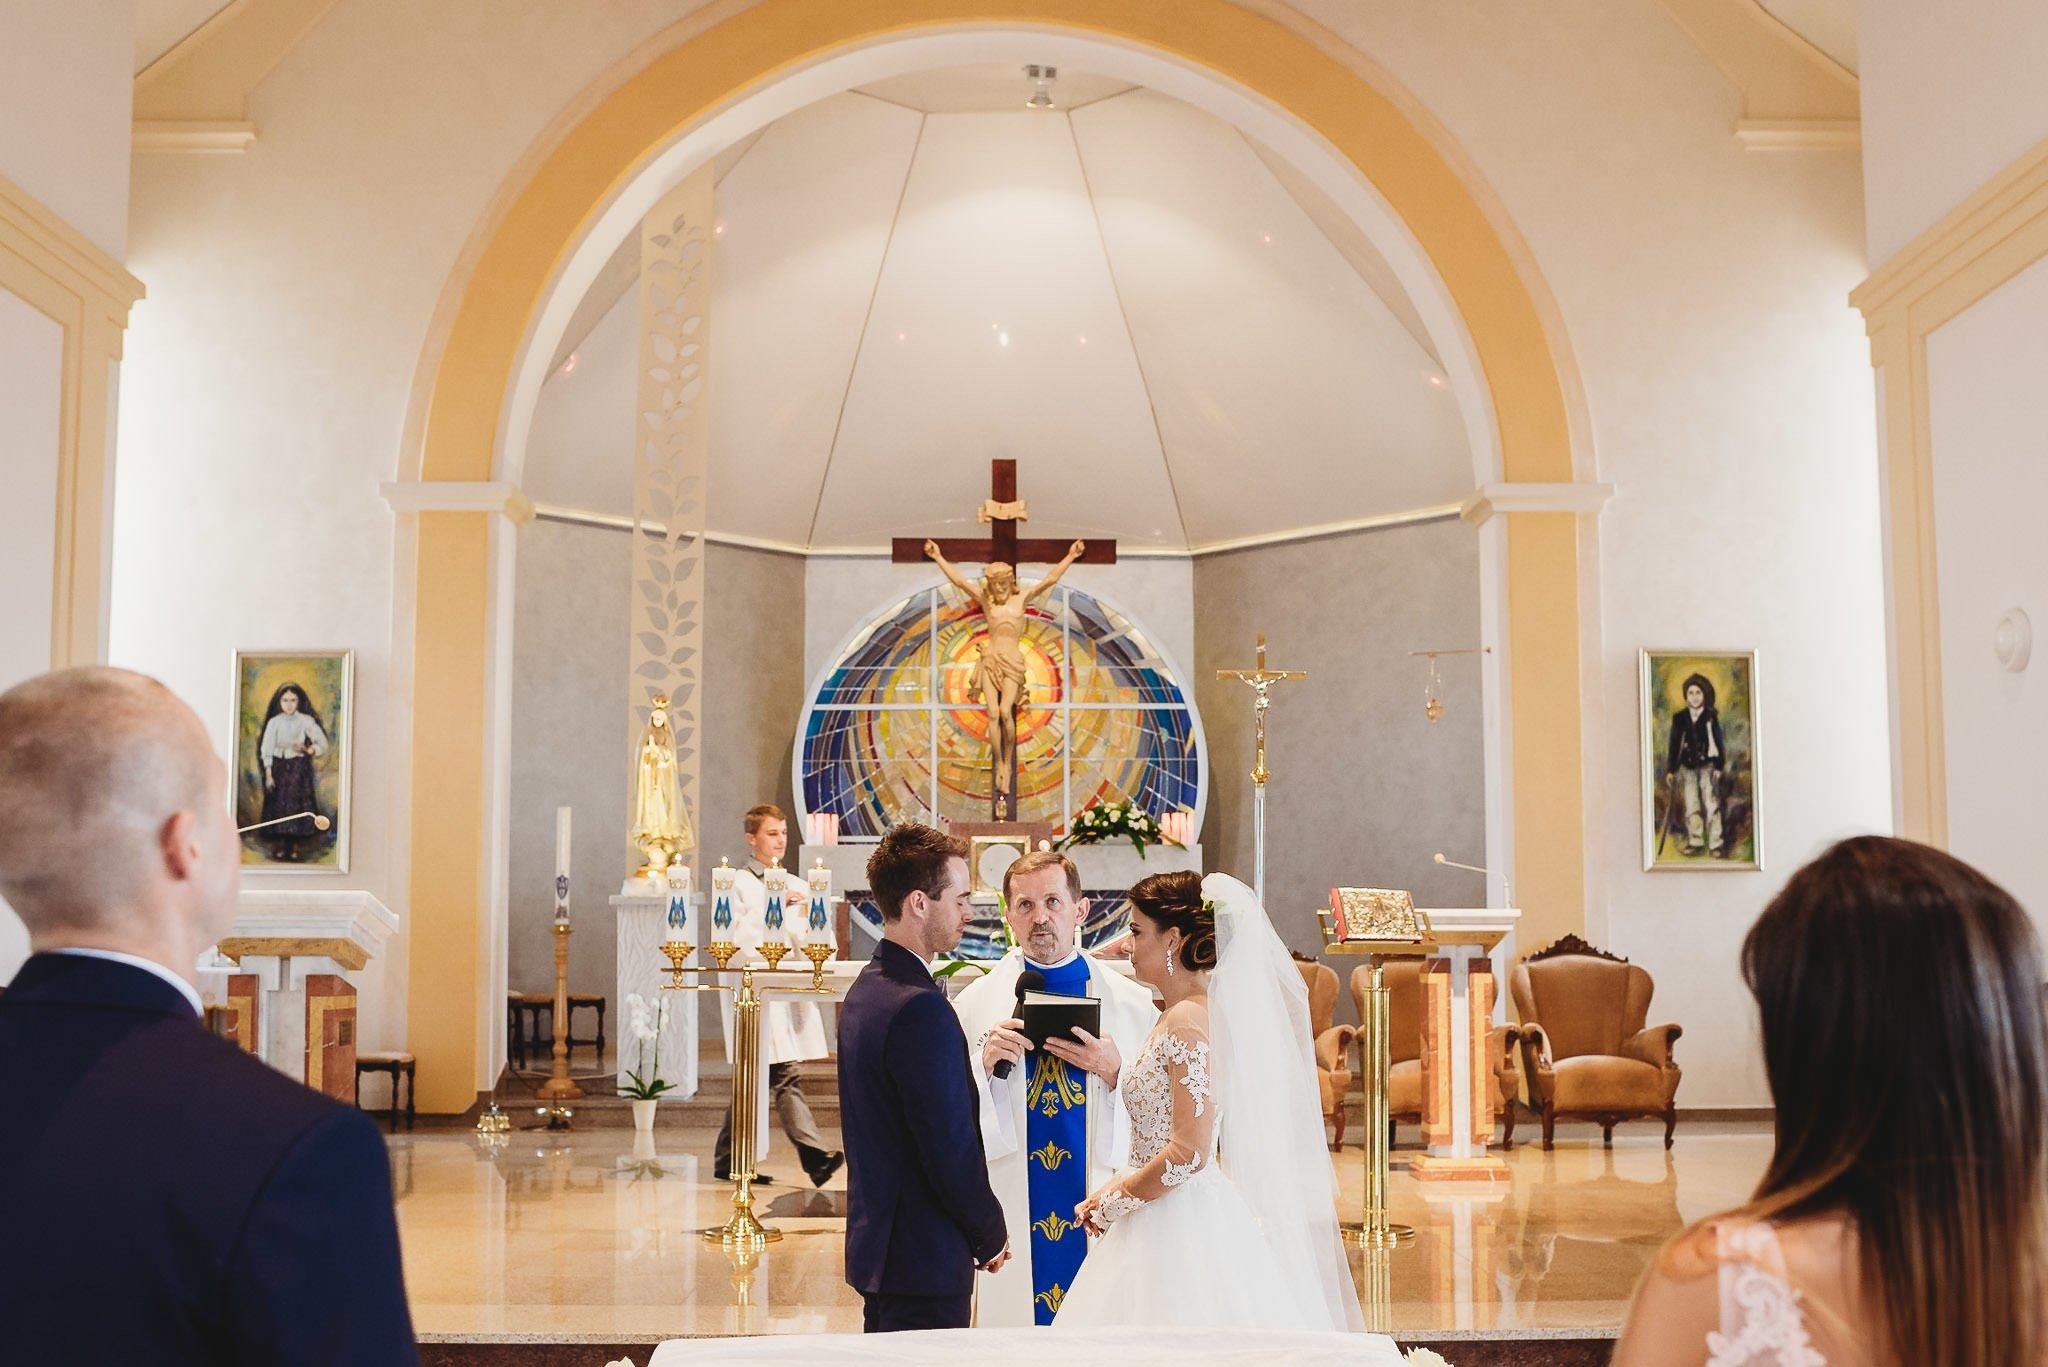 Angelika i Michał, piękne zdjęcia ślubne i sesja plenerowa w Gołuchowie 110